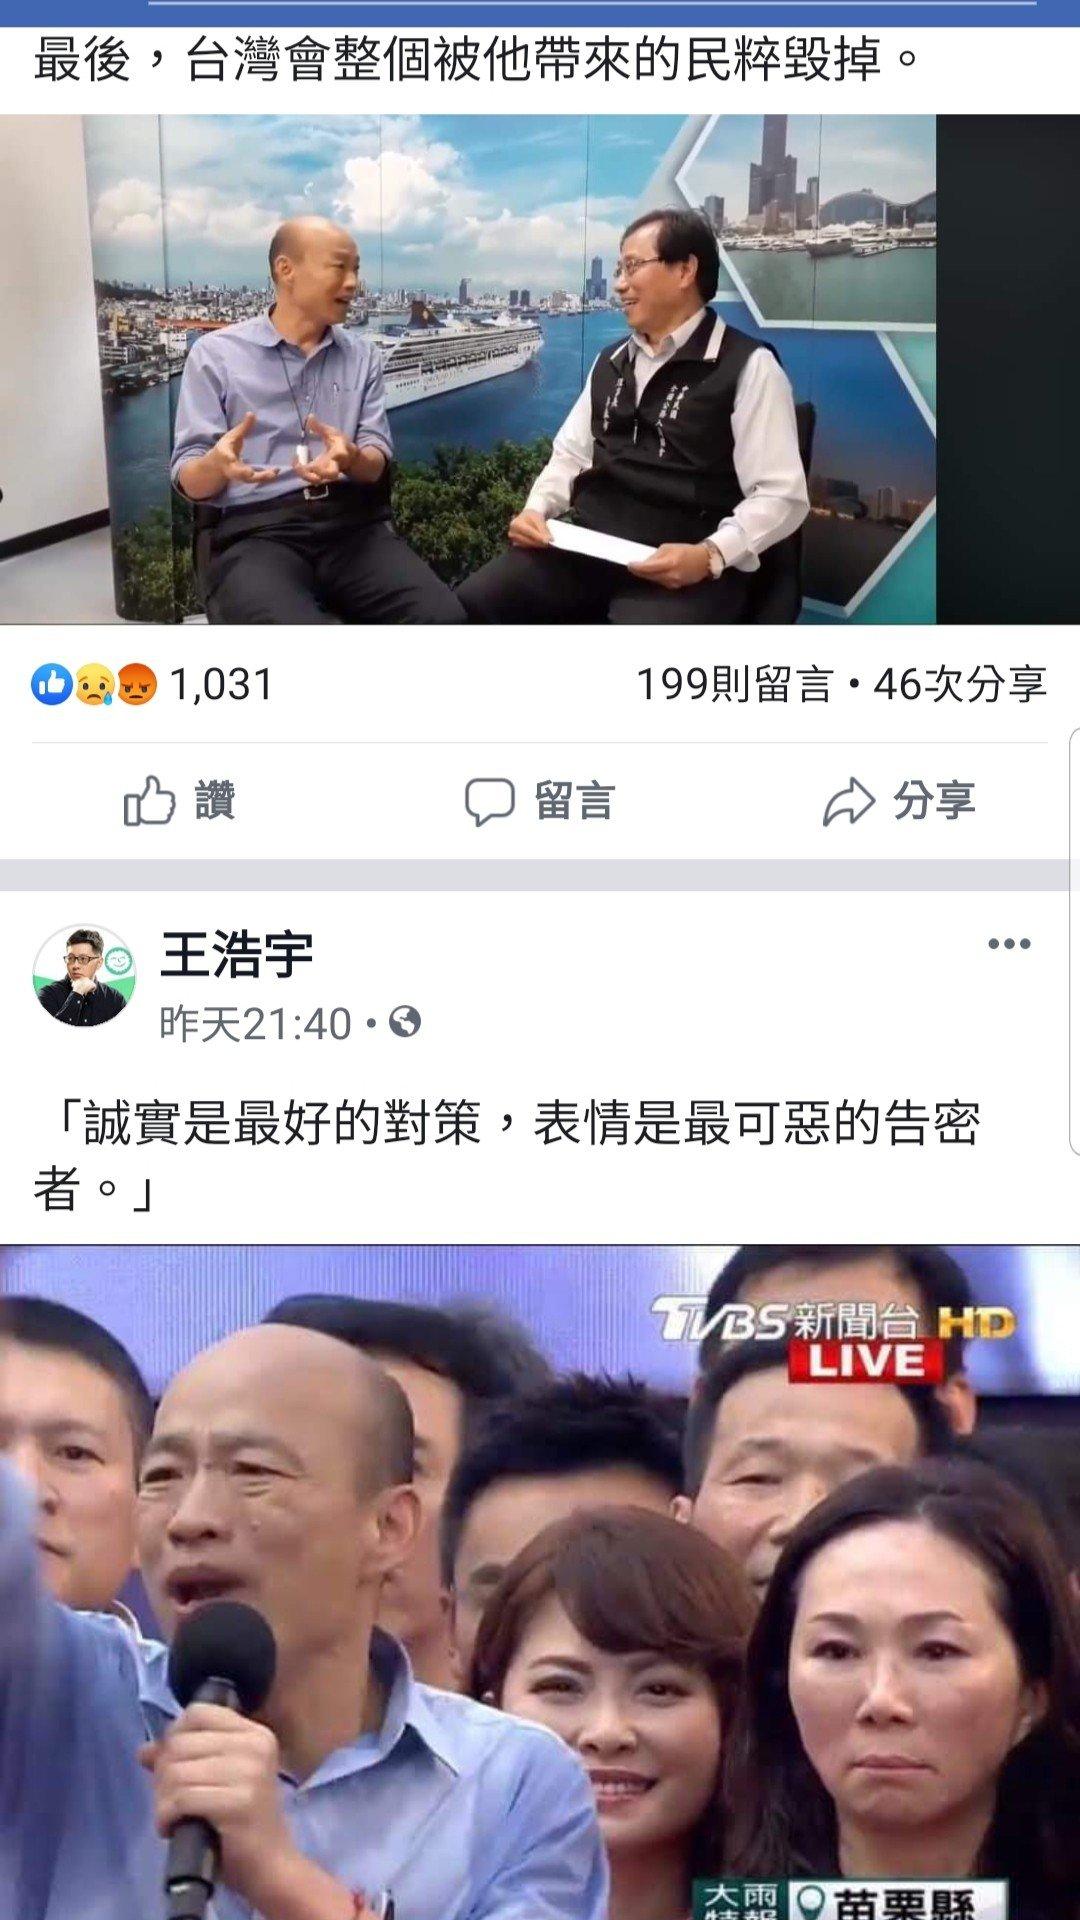 王浩宇憂心韓式民粹會毀了台灣。圖/取自王浩宇臉書